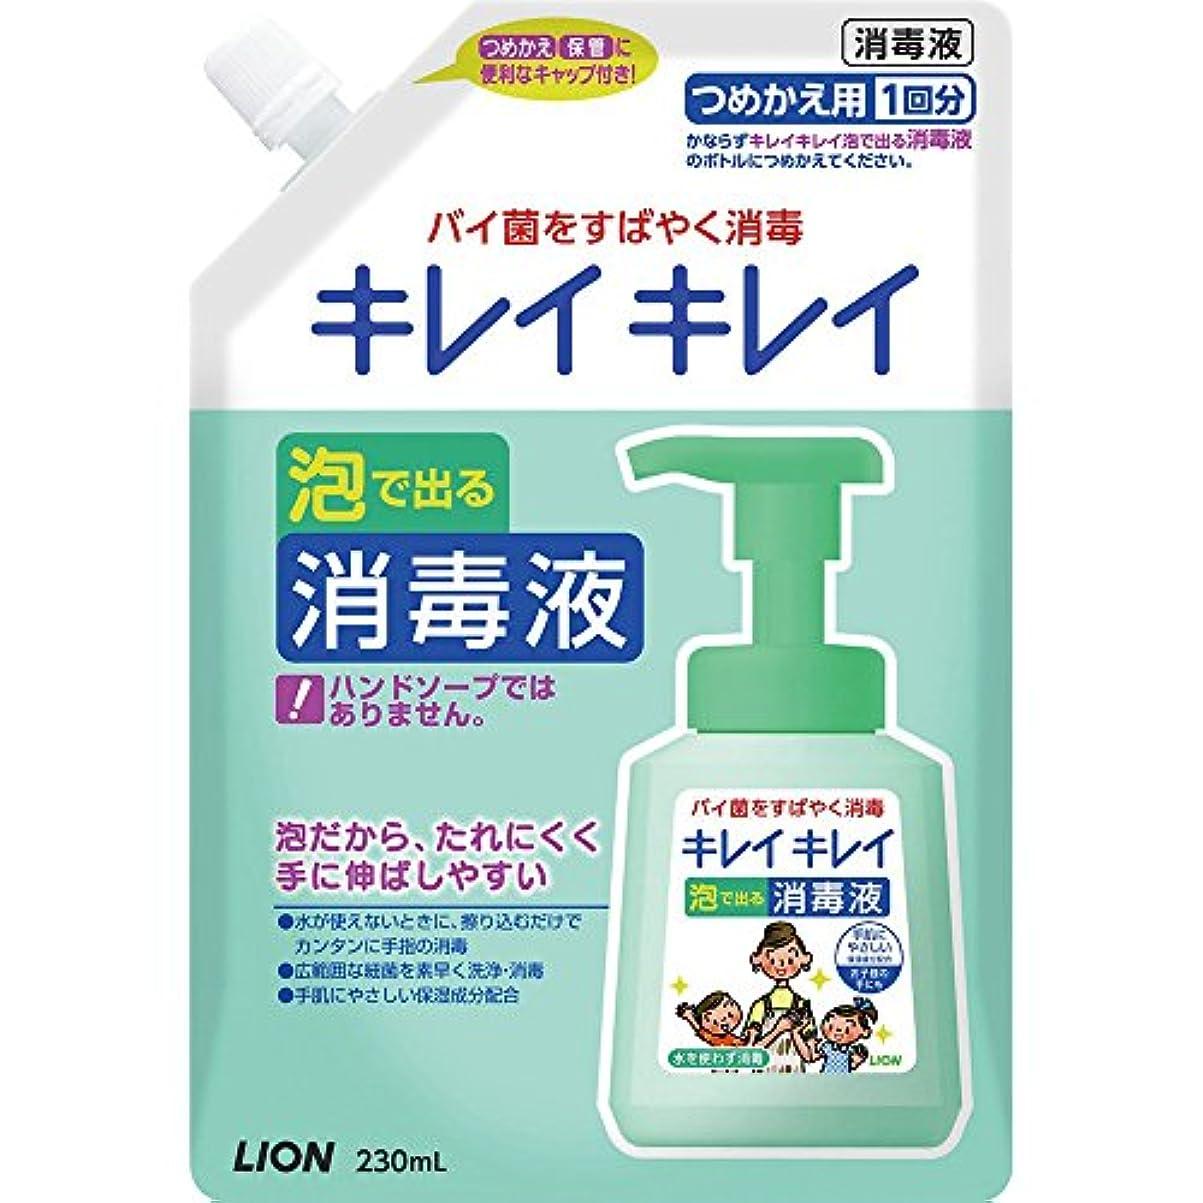 媒染剤裁判所紳士キレイキレイ 薬 泡ででる消毒液 詰替 230ml (指定医薬部外品)